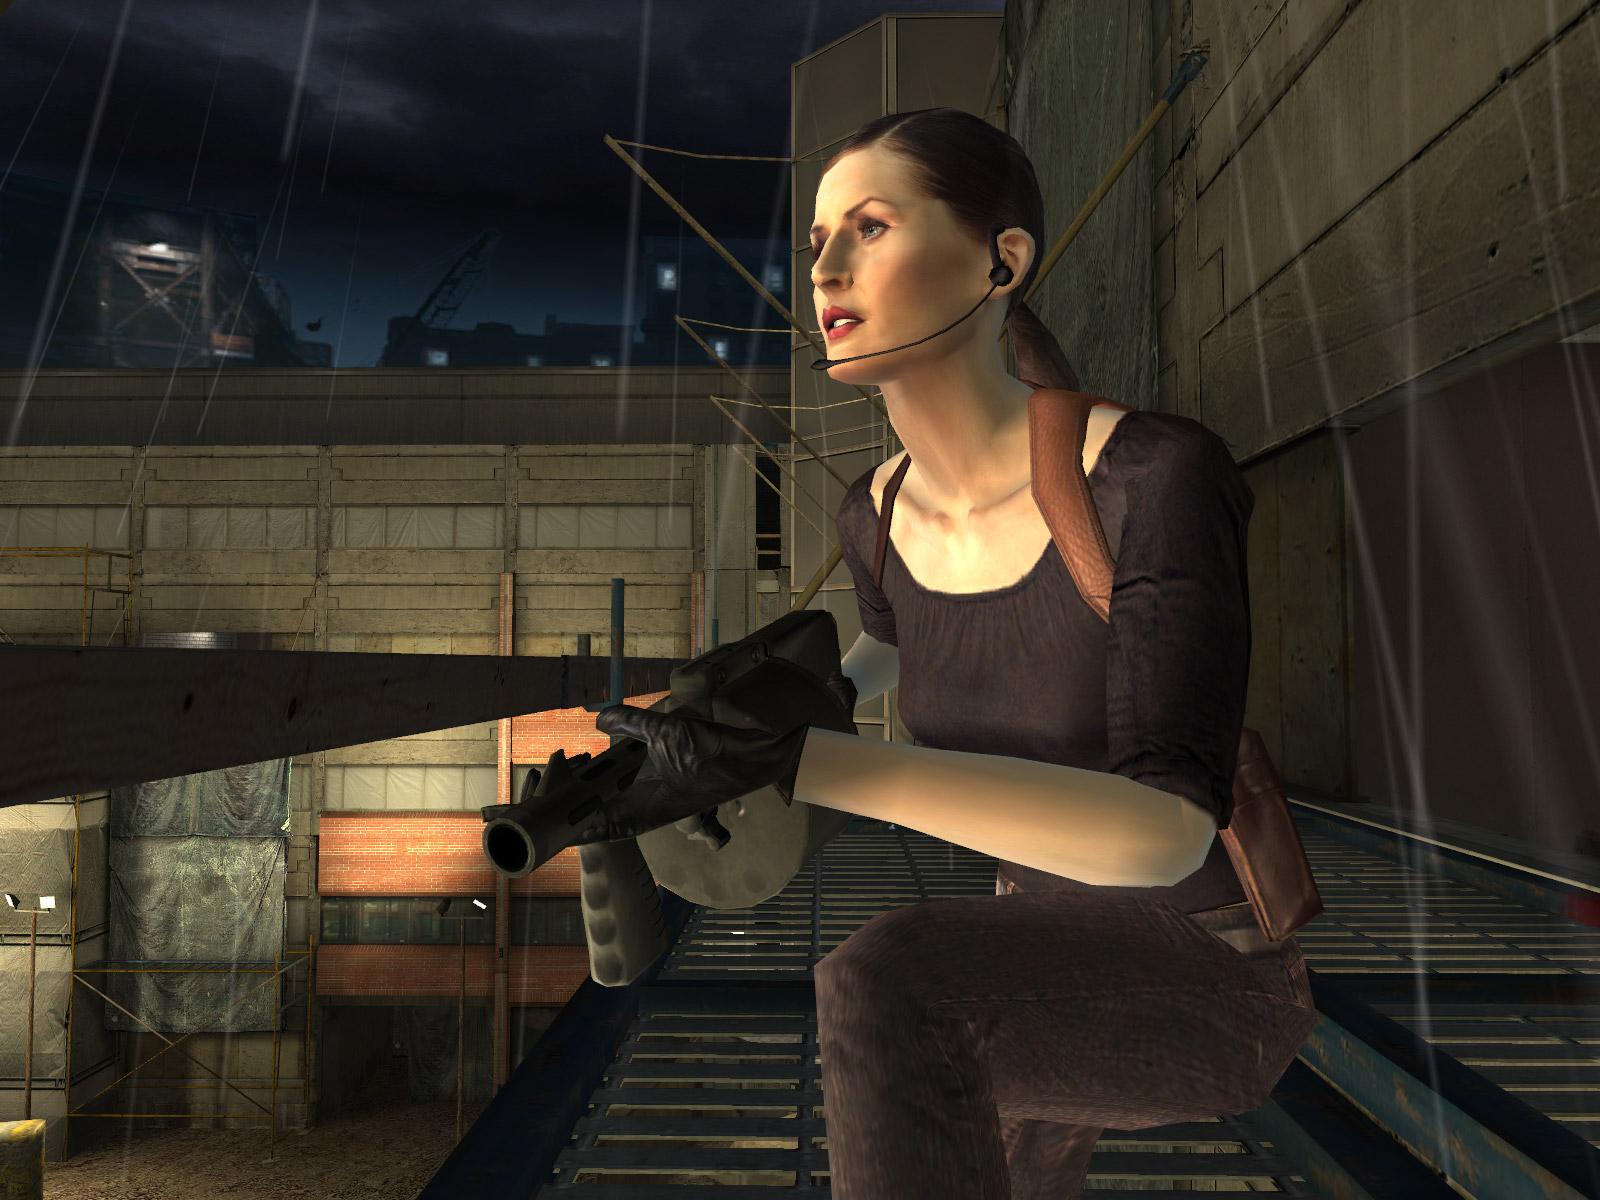 Max Payne 2 The Fall Of Max Payne Wallpaper Payne Killers Max Payne 2 Pc Screenshots